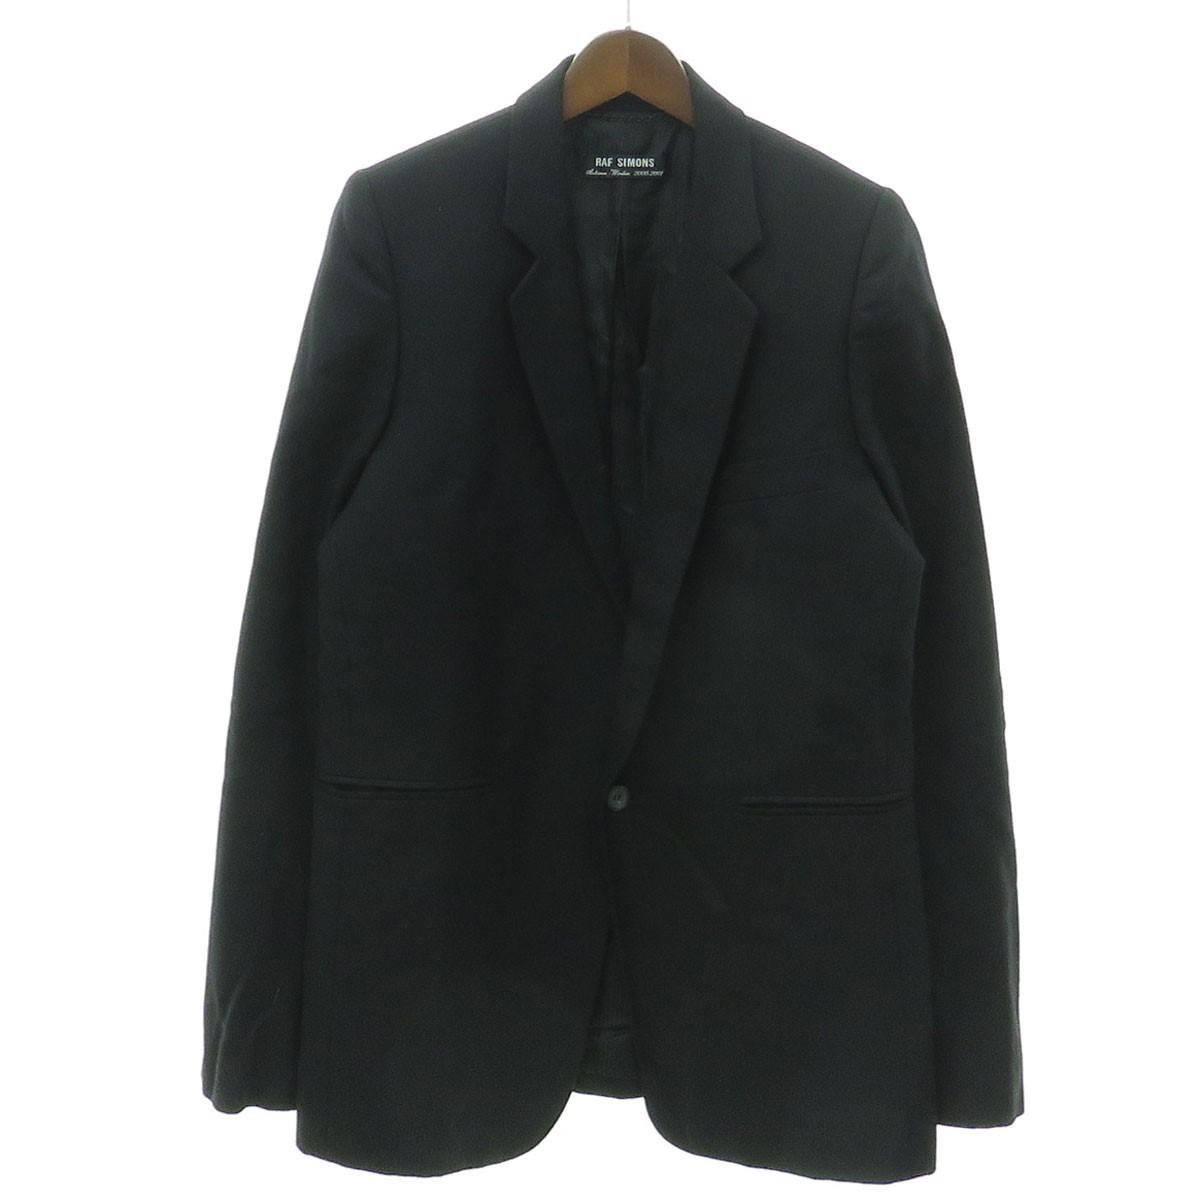 【中古】RAF SIMONS 2000AW テーラードジャケット ブラック サイズ:48 【150919】(ラフシモンズ)